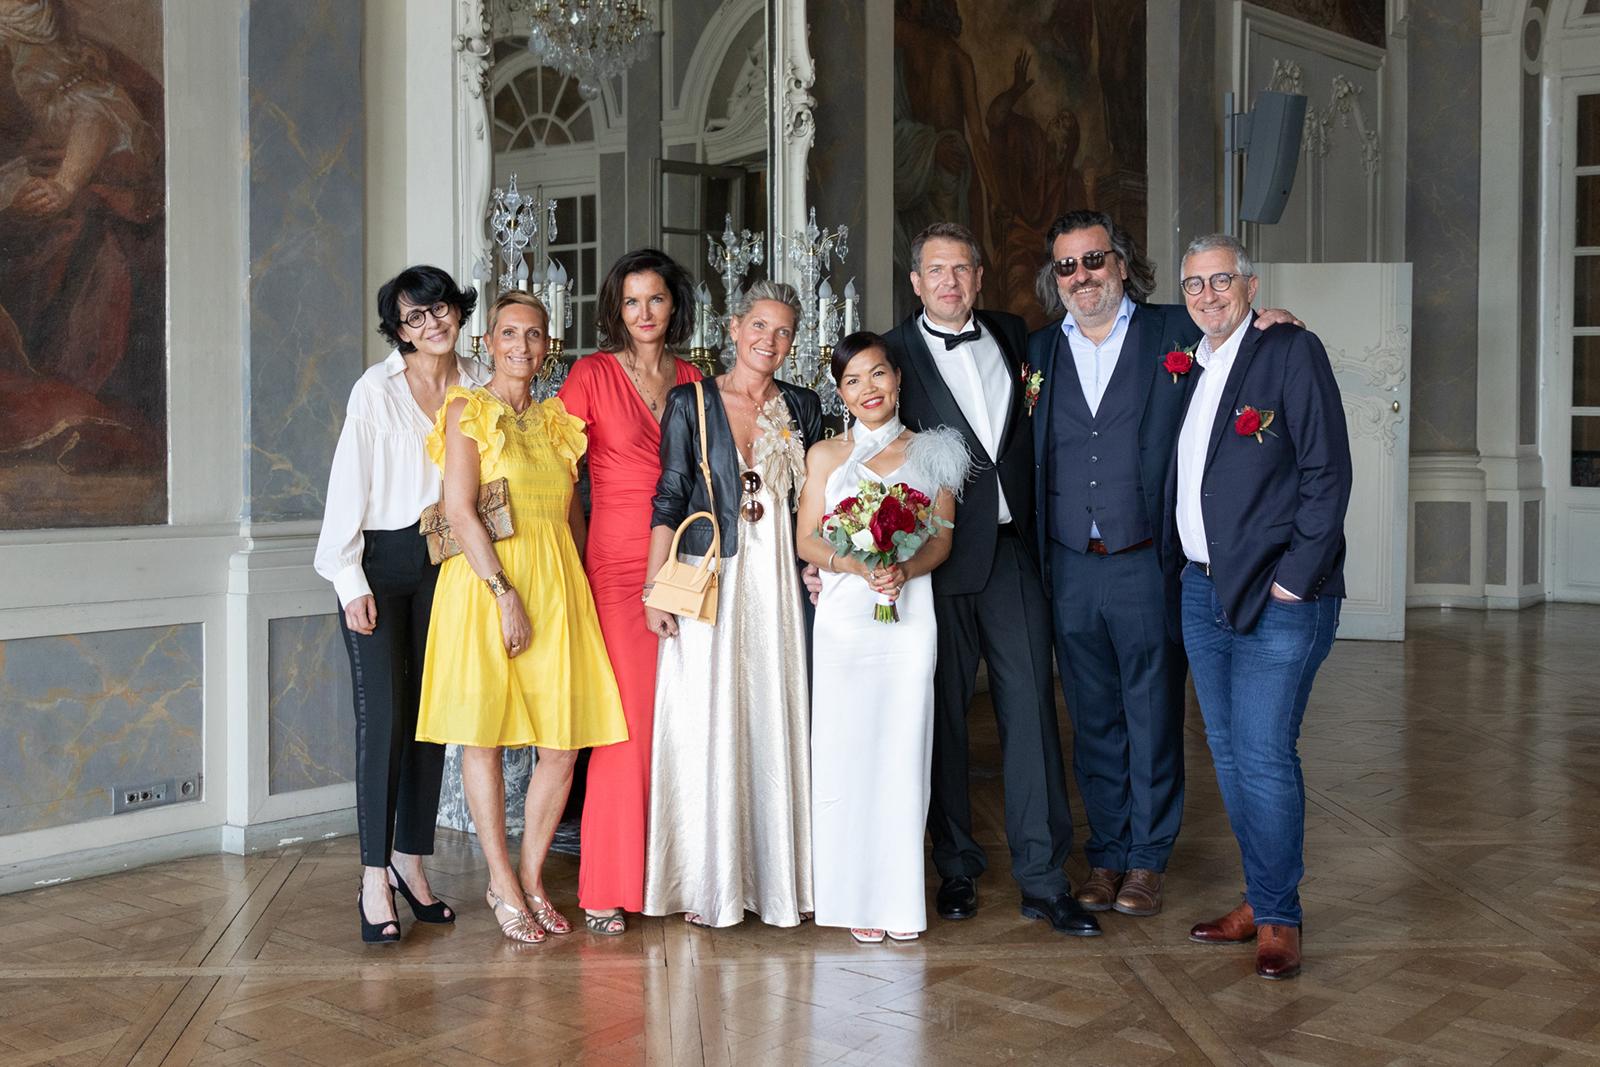 Photo de groupe à la mairie de Nancy mariage